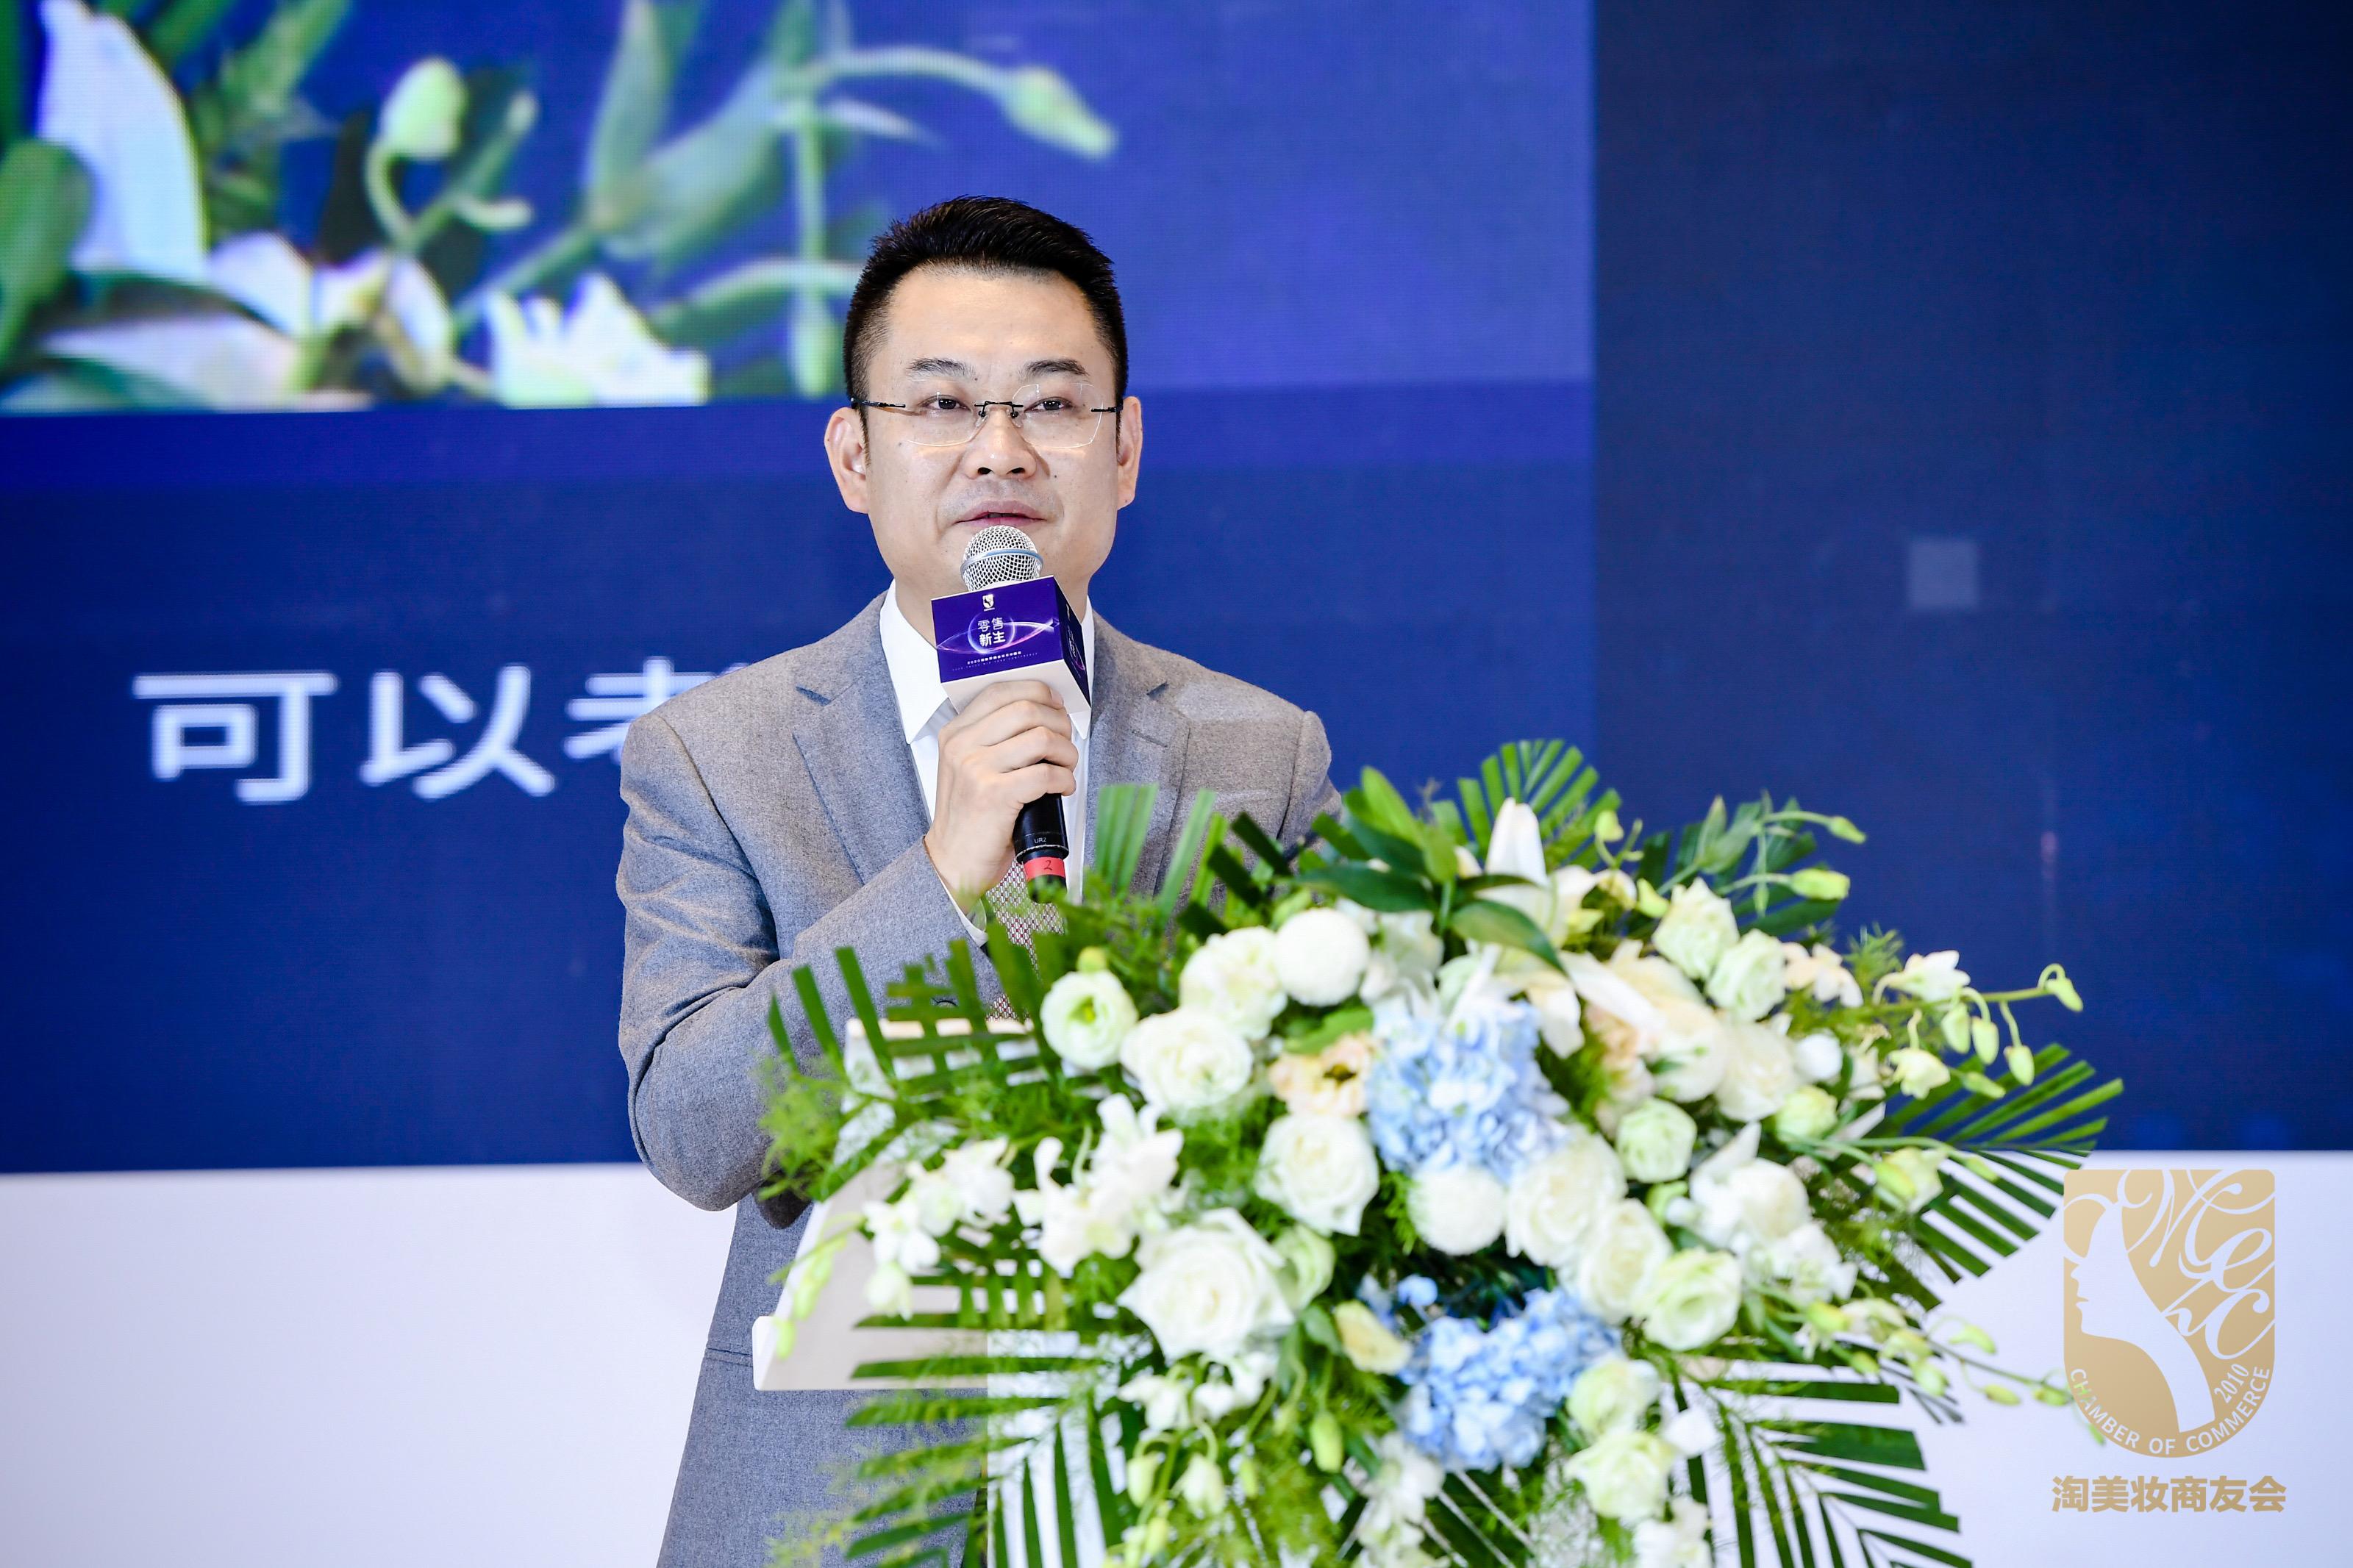 TBCCC President Jian Weiqing